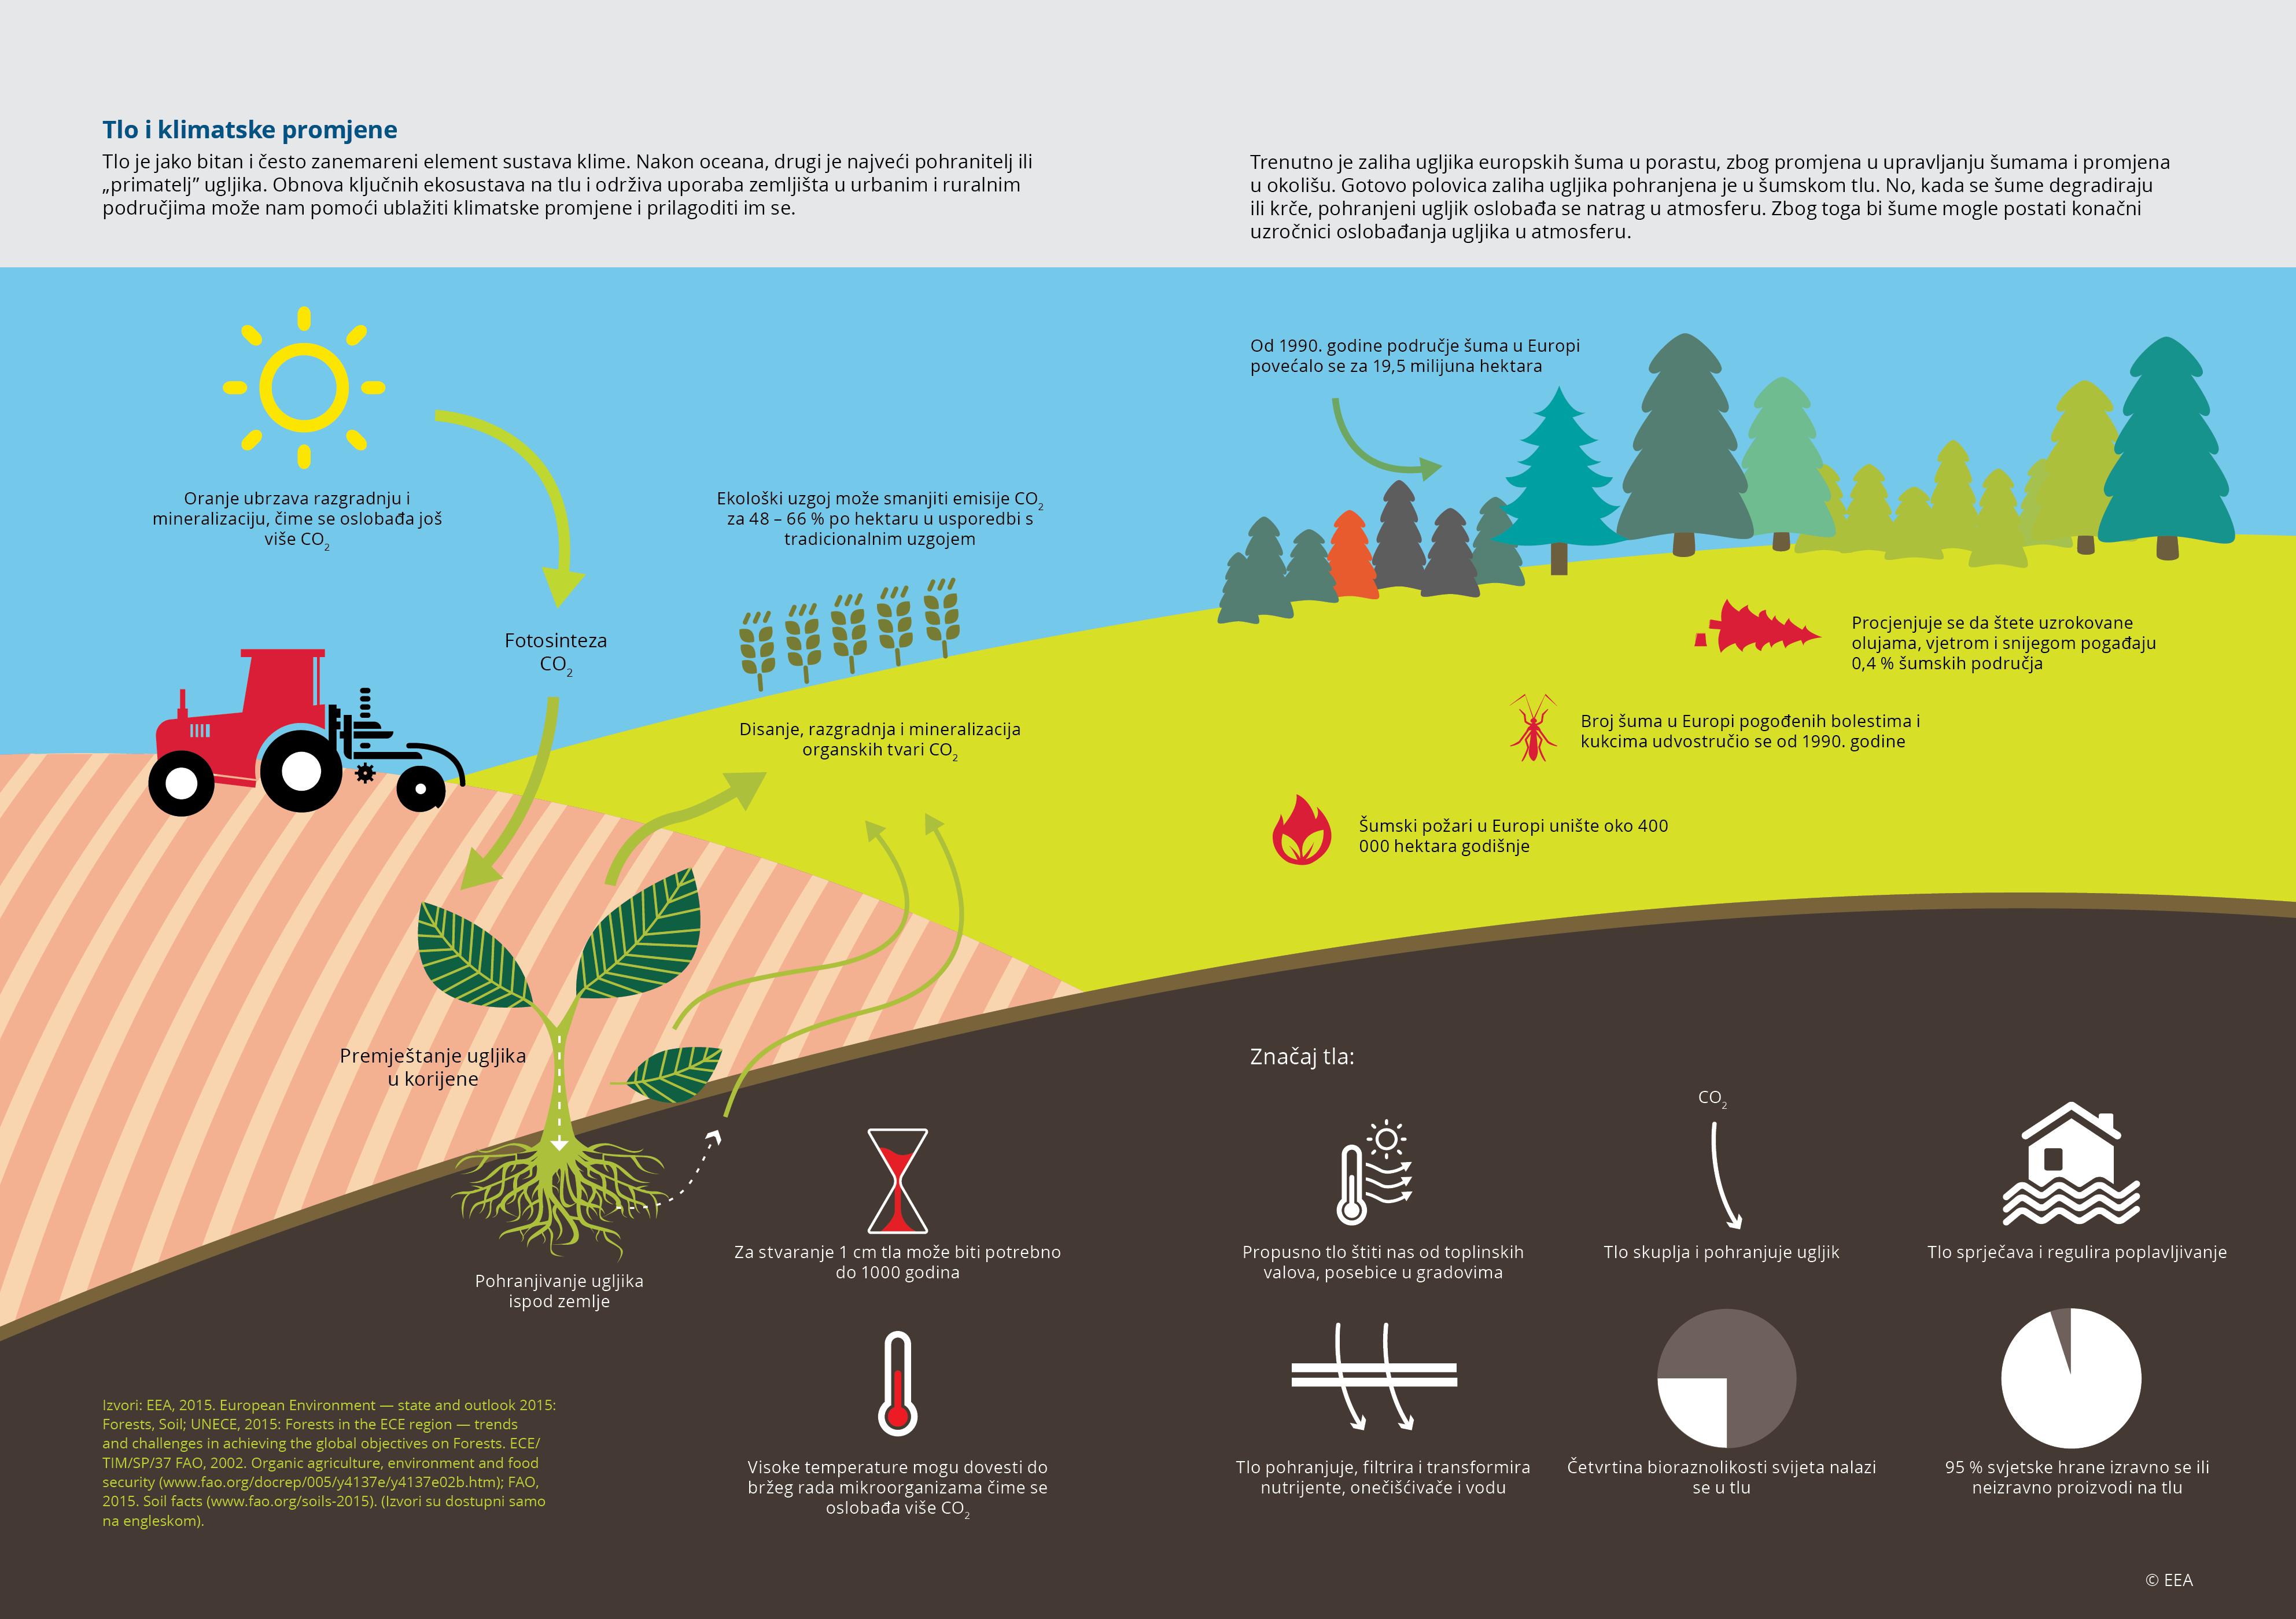 Tlo i klimatske promjene